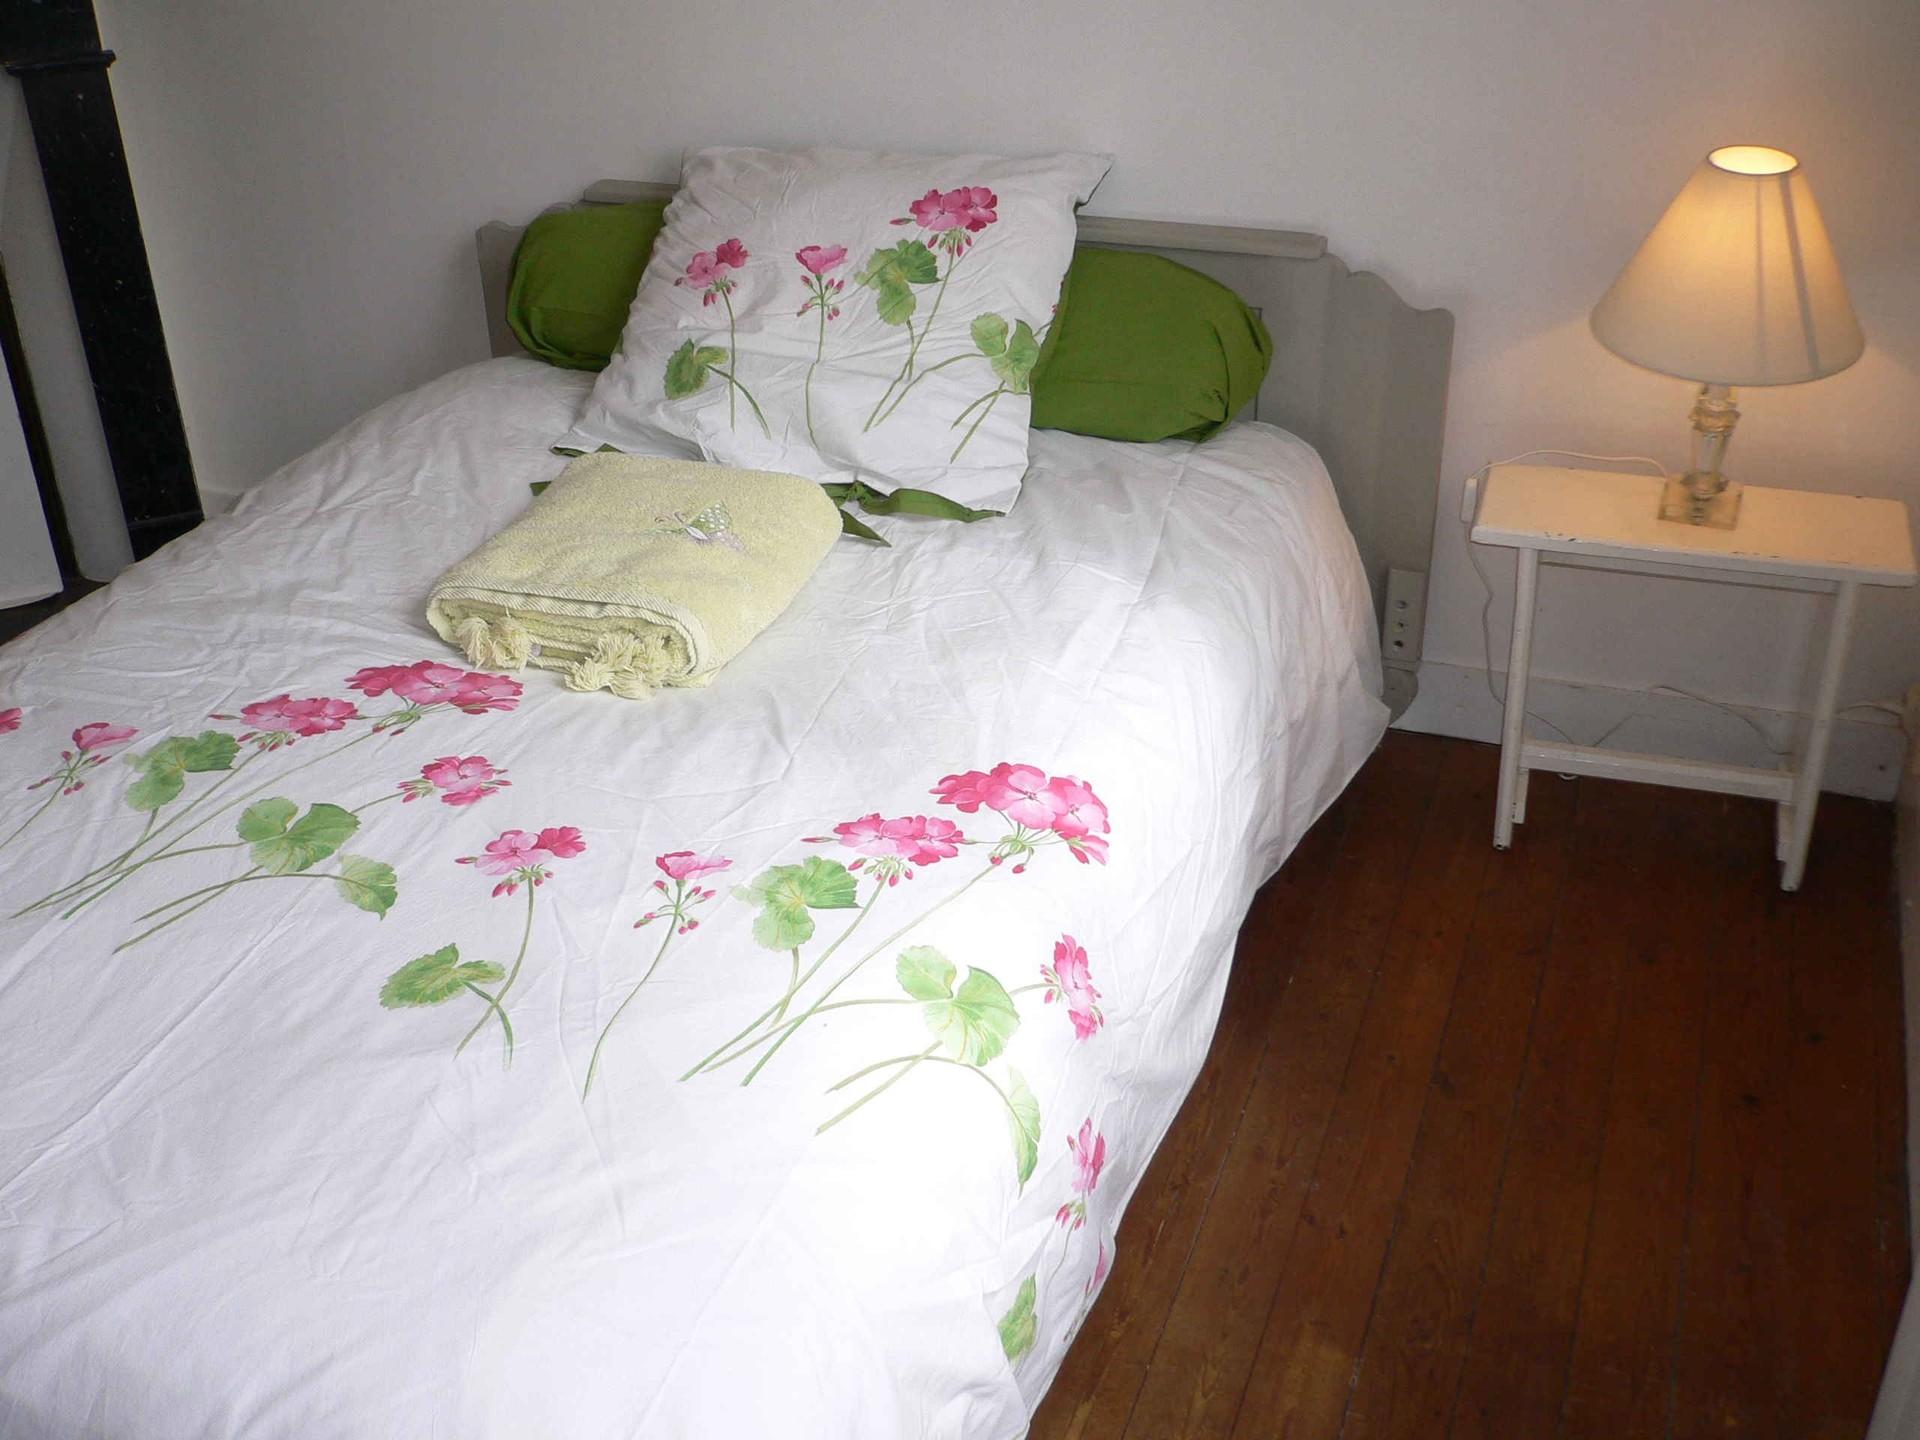 grande chambre confortable 10 minutes du centre ville r sidences universitaires rouen. Black Bedroom Furniture Sets. Home Design Ideas